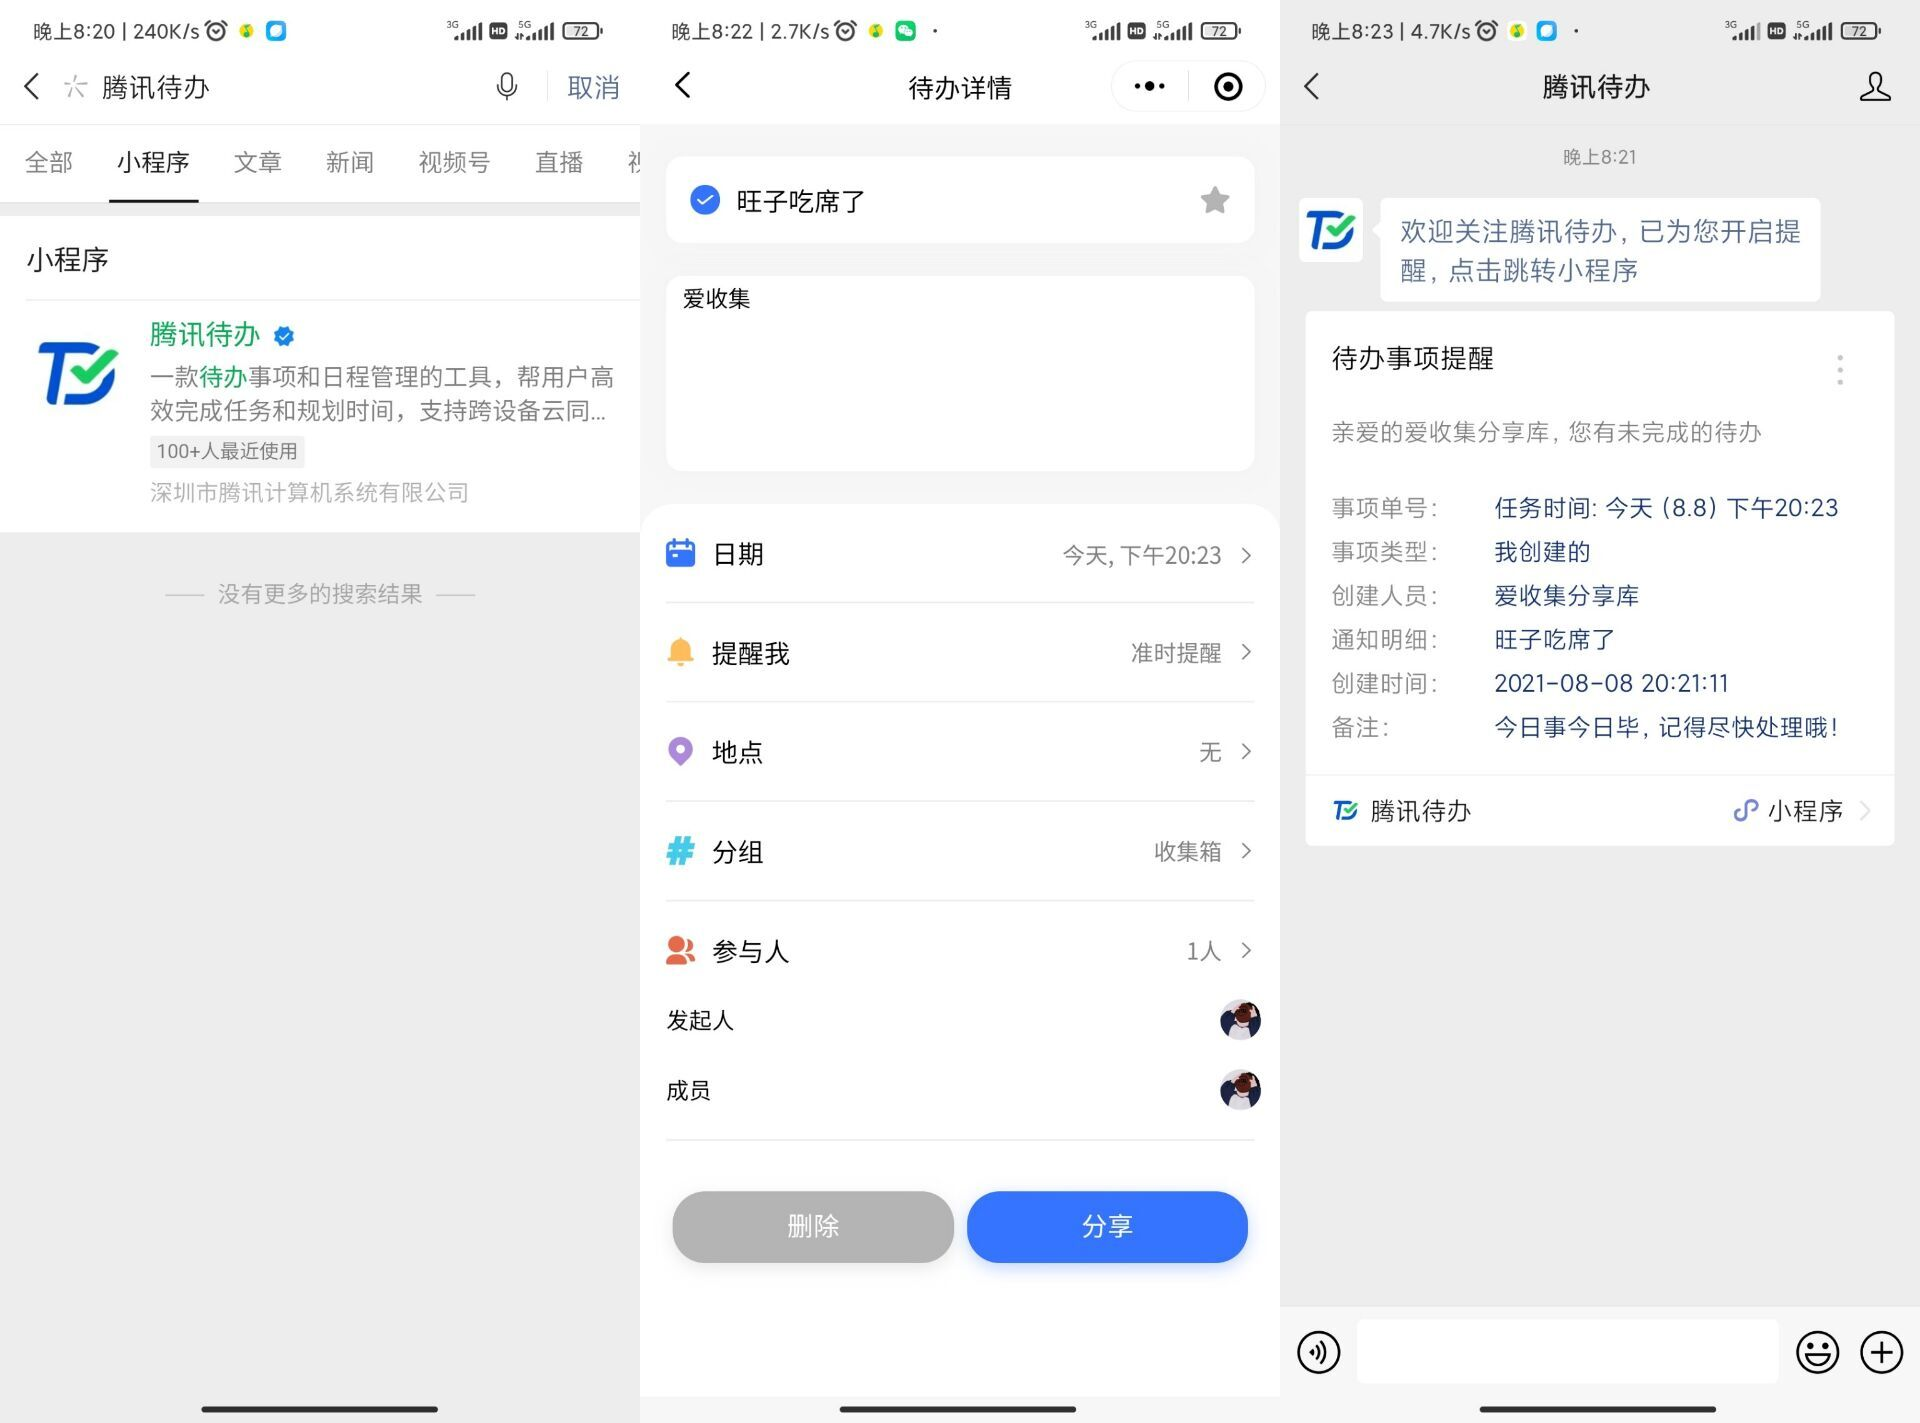 微信上线新功能:腾讯待办可日程提醒